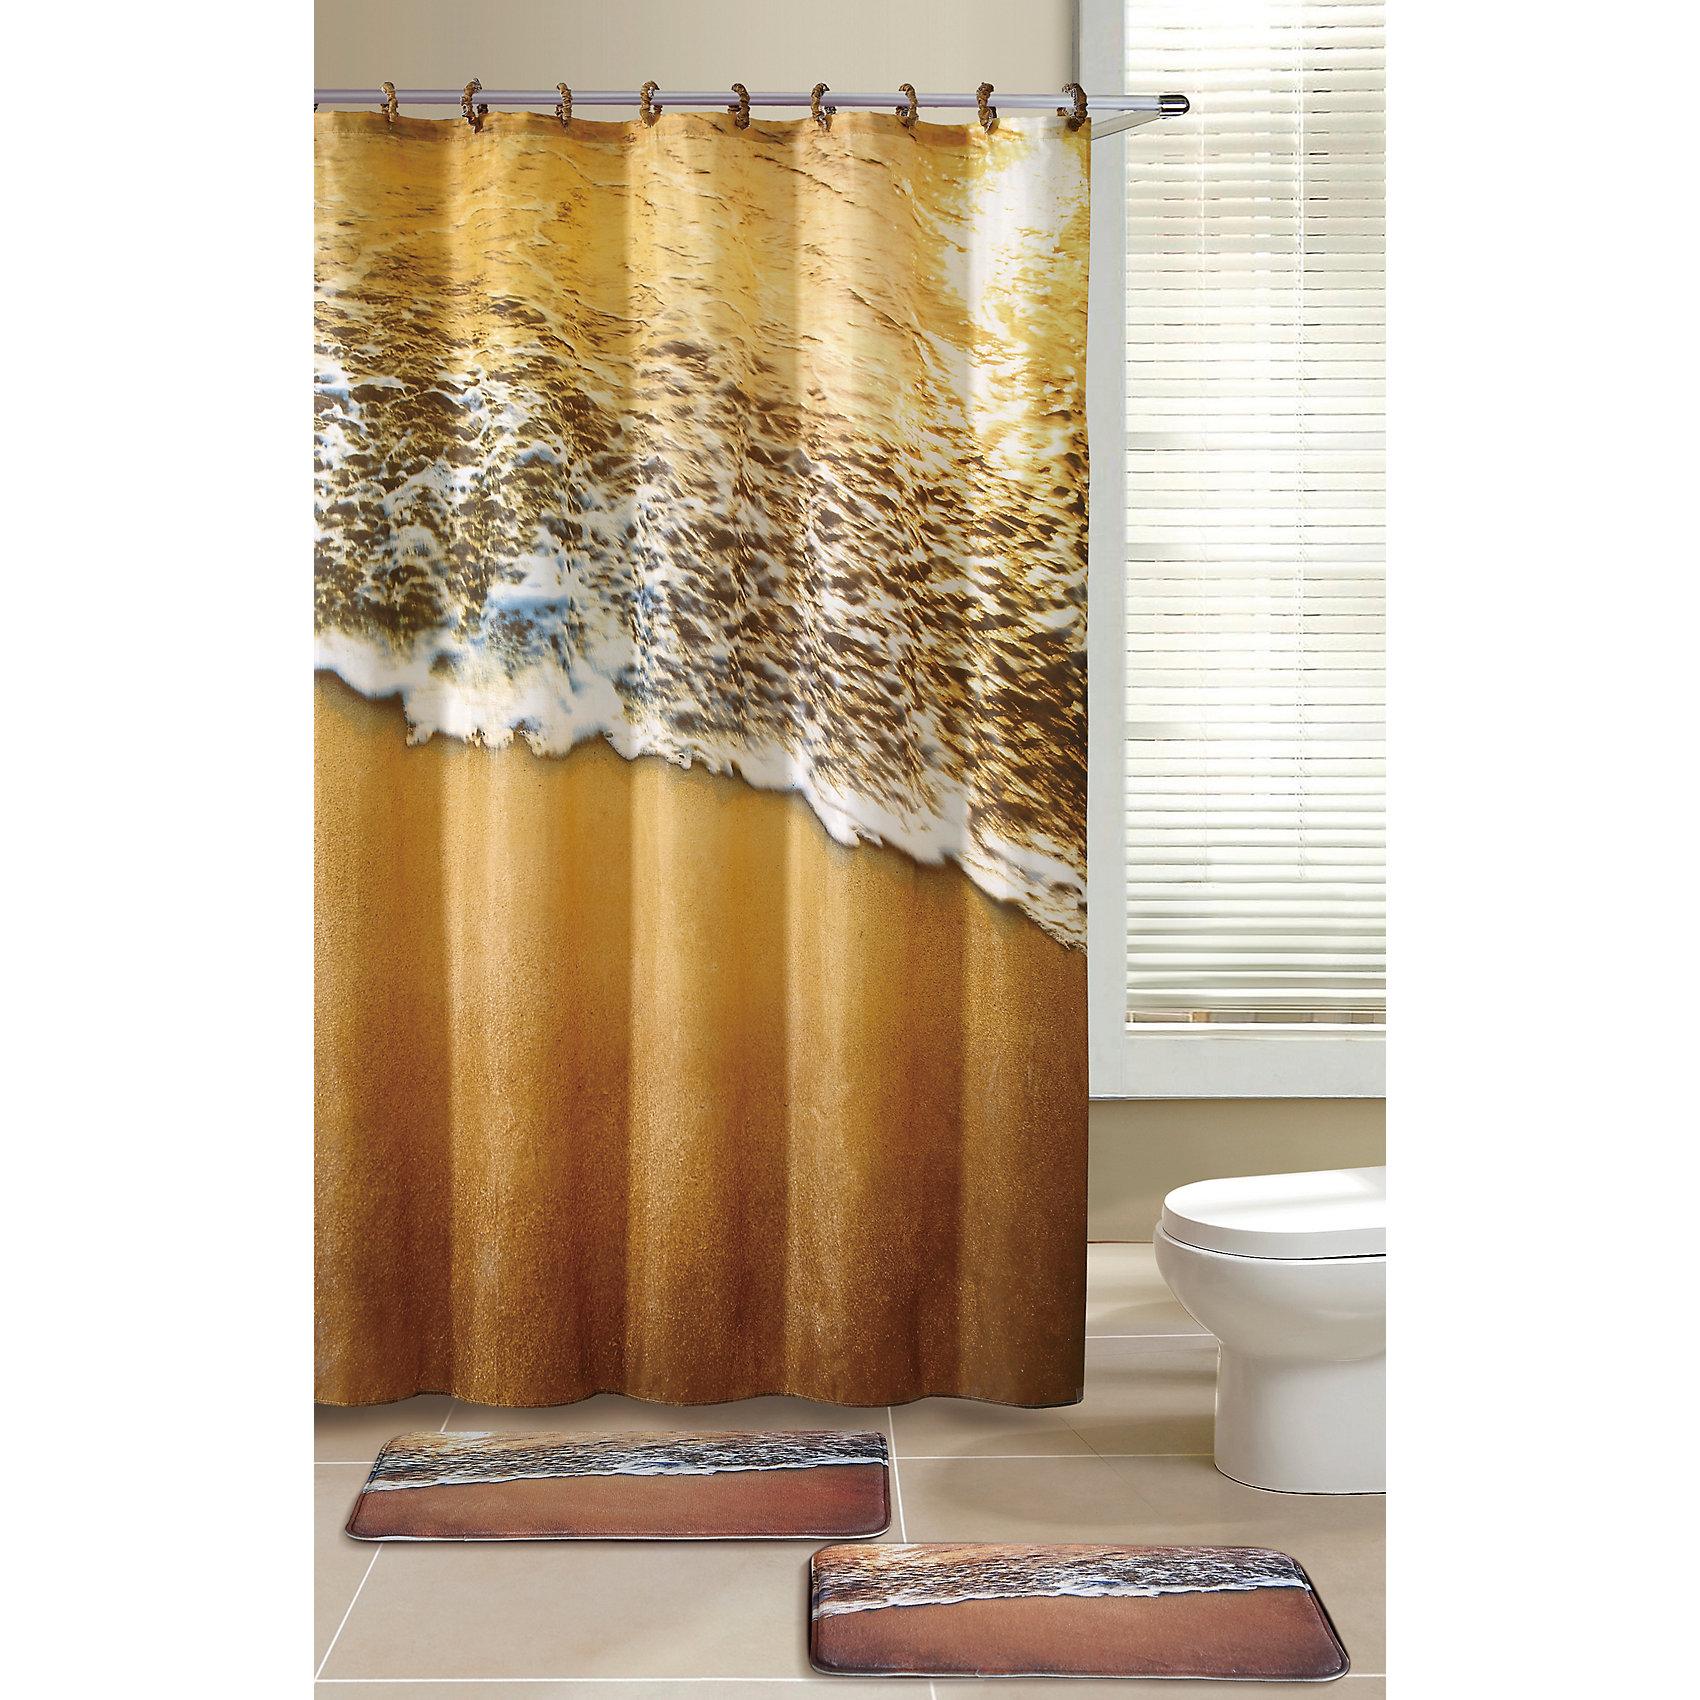 Набор из 3-х предметов для ванной комнаты Морской прибой SET3- COAST, Рыжий котВанная комната<br>Набор из 3-х предметов для ванной комнаты Морской прибой SET3- COAST:  2 коврика (микрофибра), 1 занавеска, в комплекте с крючками.<br><br>Ширина мм: 750<br>Глубина мм: 470<br>Высота мм: 30<br>Вес г: 1010<br>Возраст от месяцев: 216<br>Возраст до месяцев: 1188<br>Пол: Унисекс<br>Возраст: Детский<br>SKU: 5622857